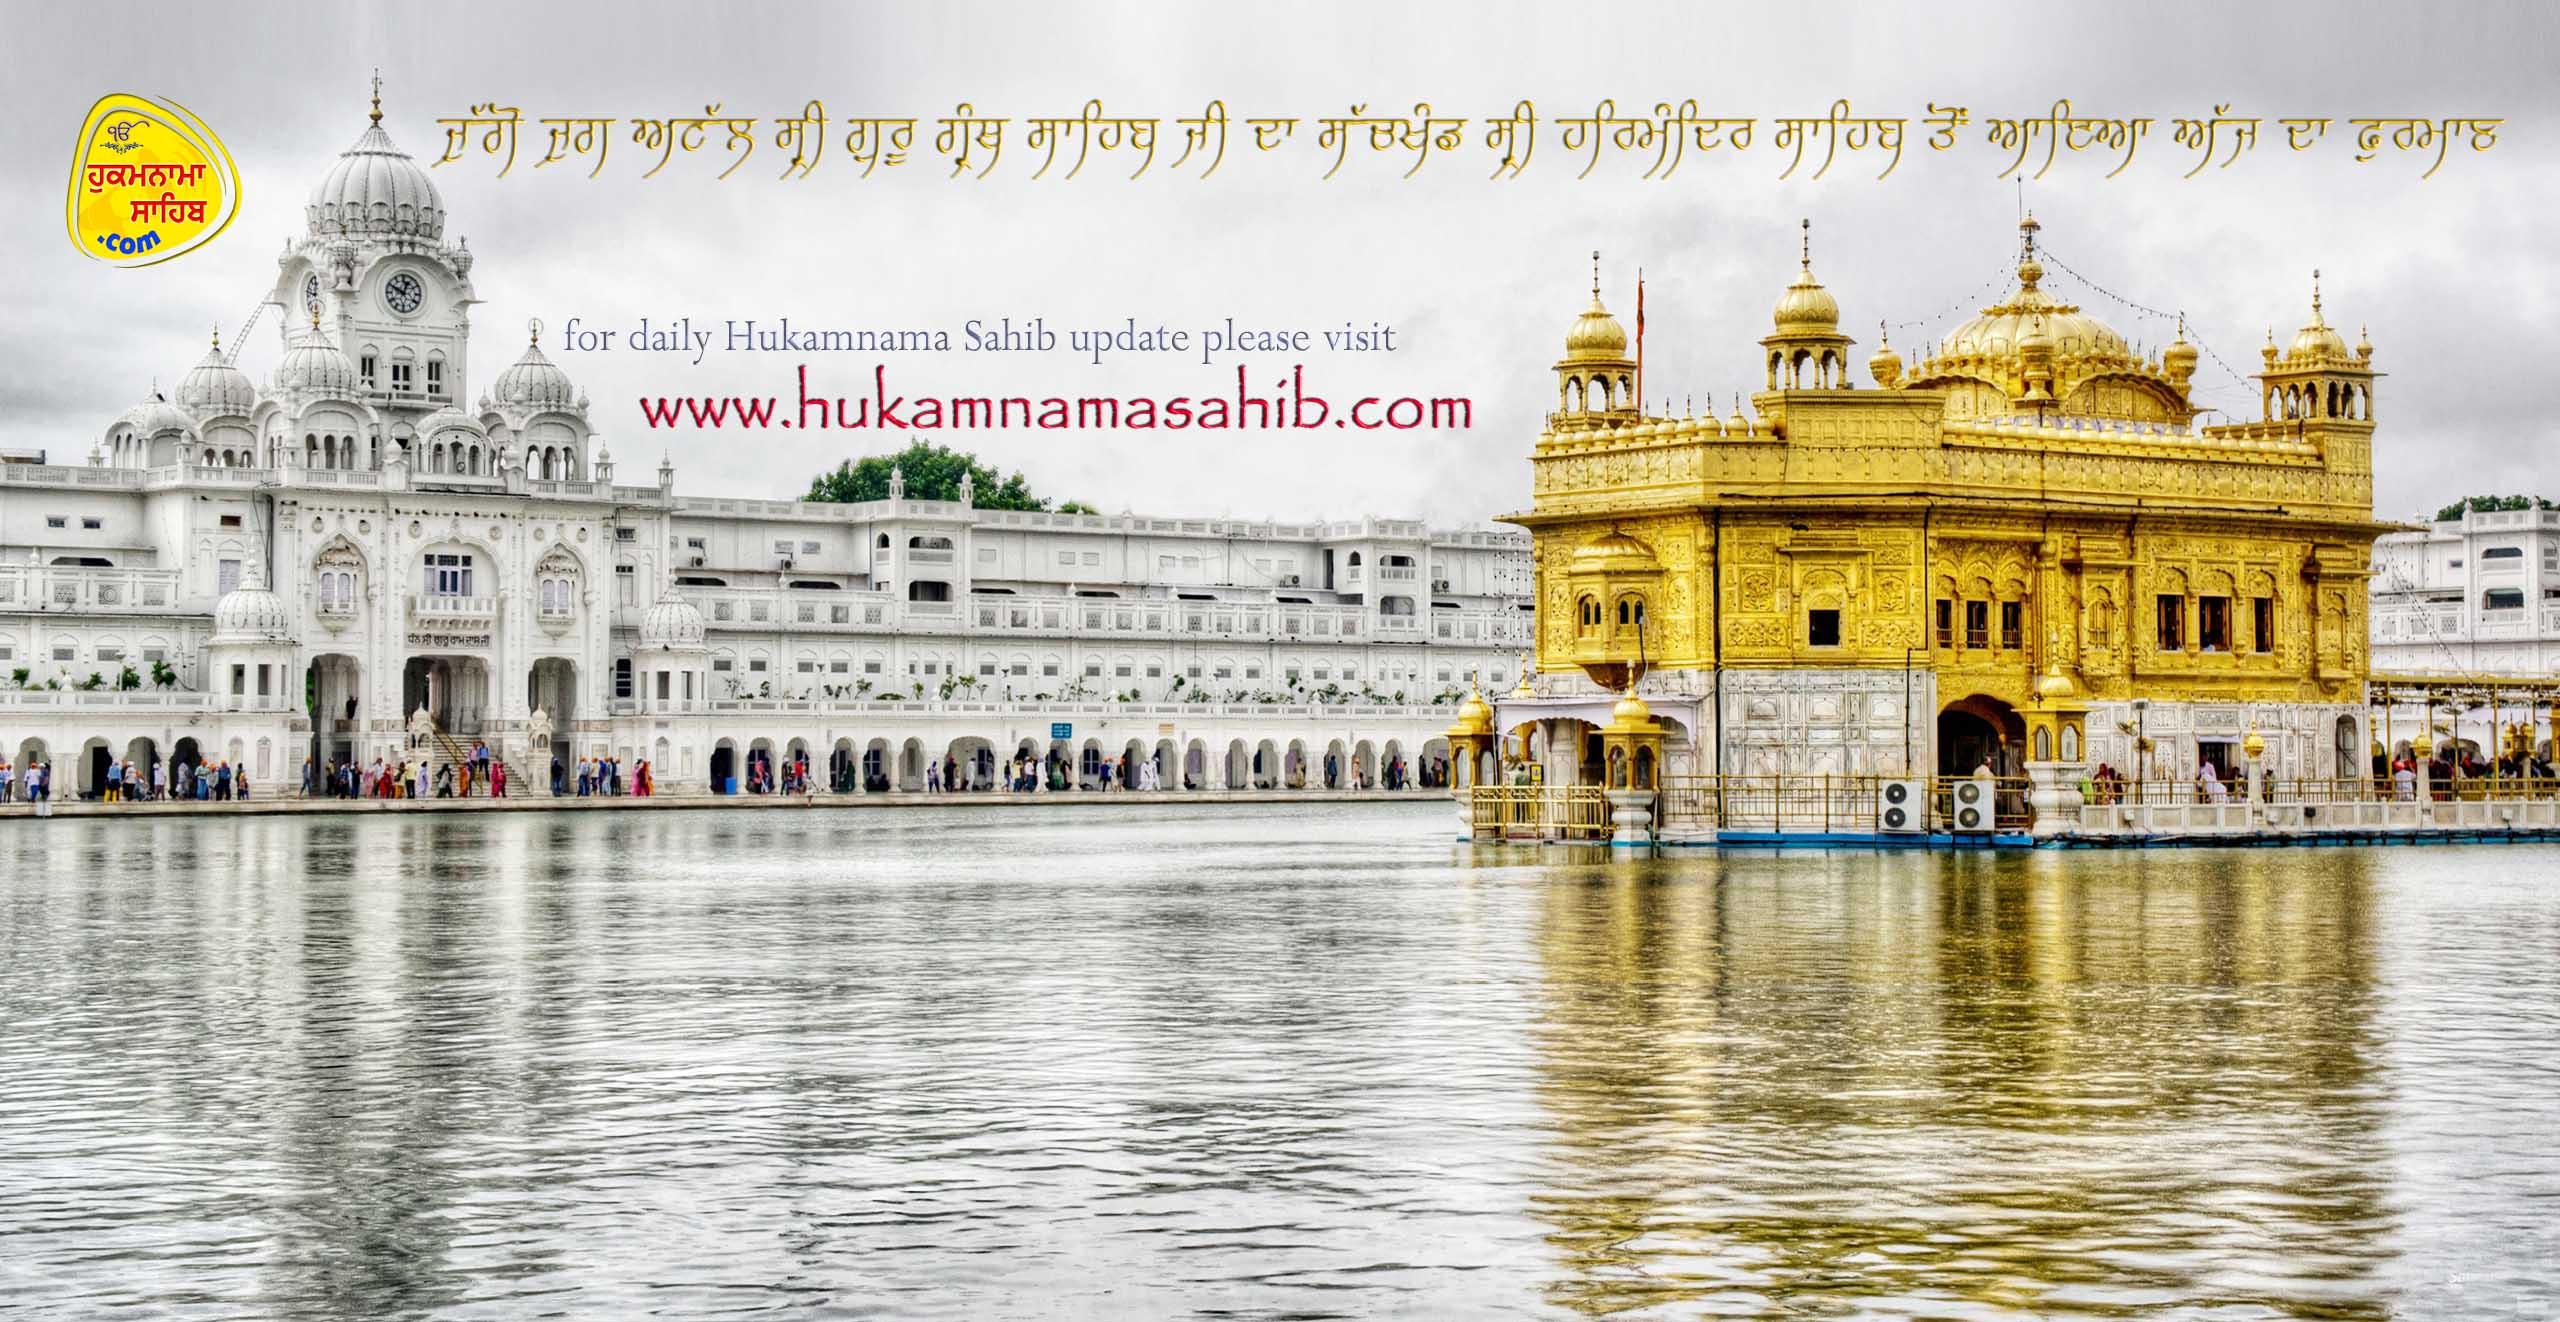 Hukamnama Sahib - Daily Hukamnama Shri Darbar Sahib Amritsar